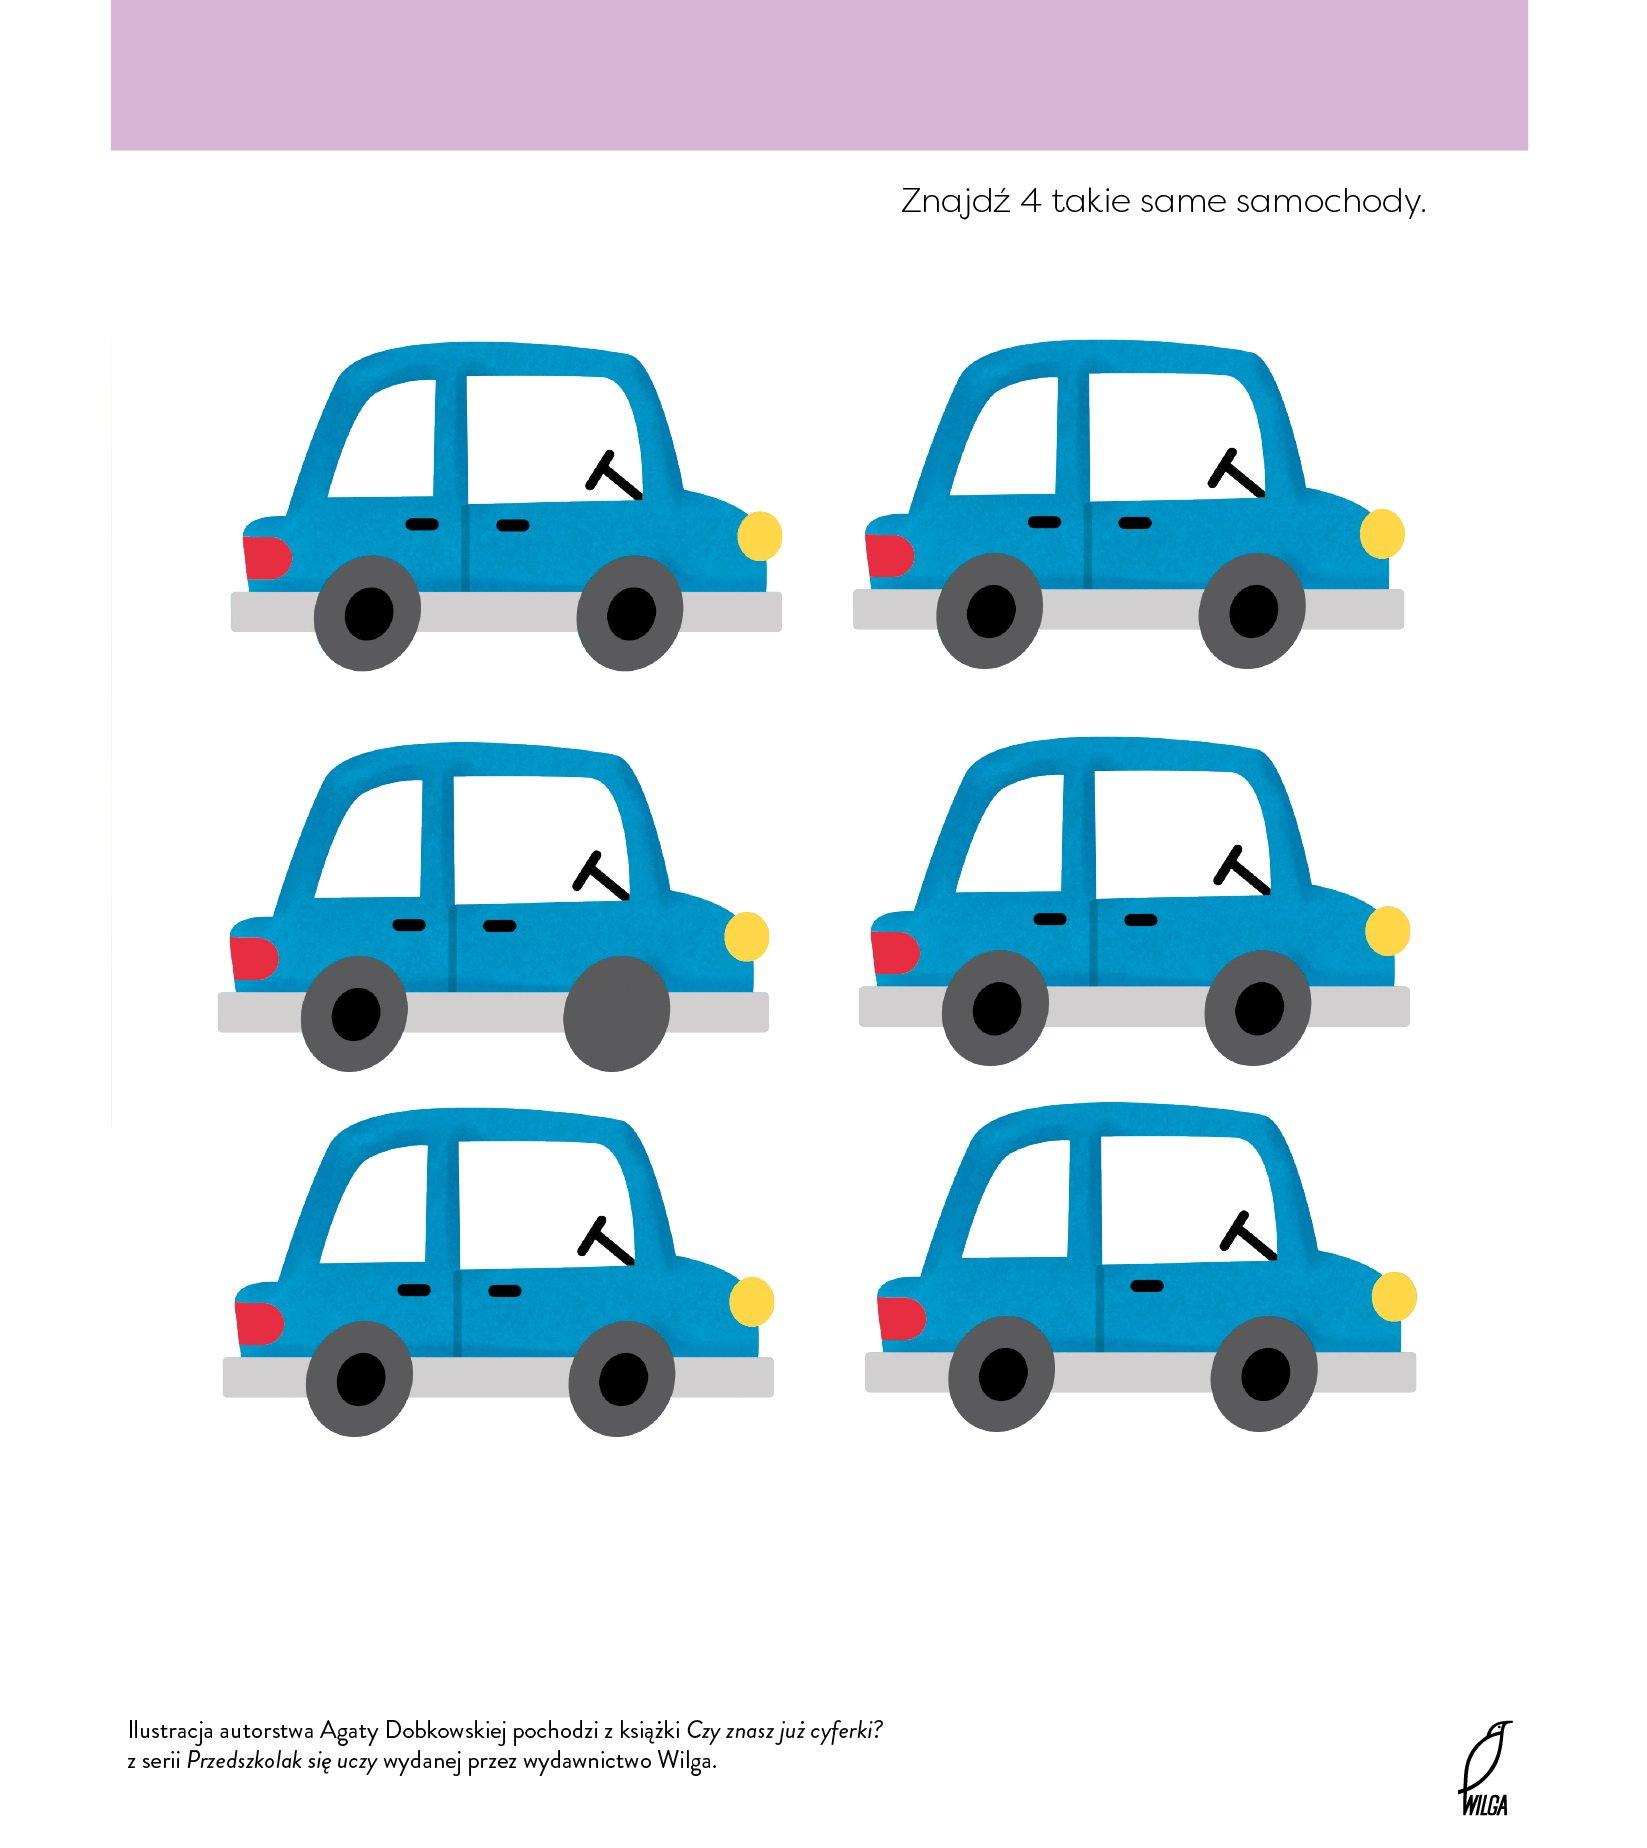 zagadki obrazkowe dla dzieci zagadki dla chłopców